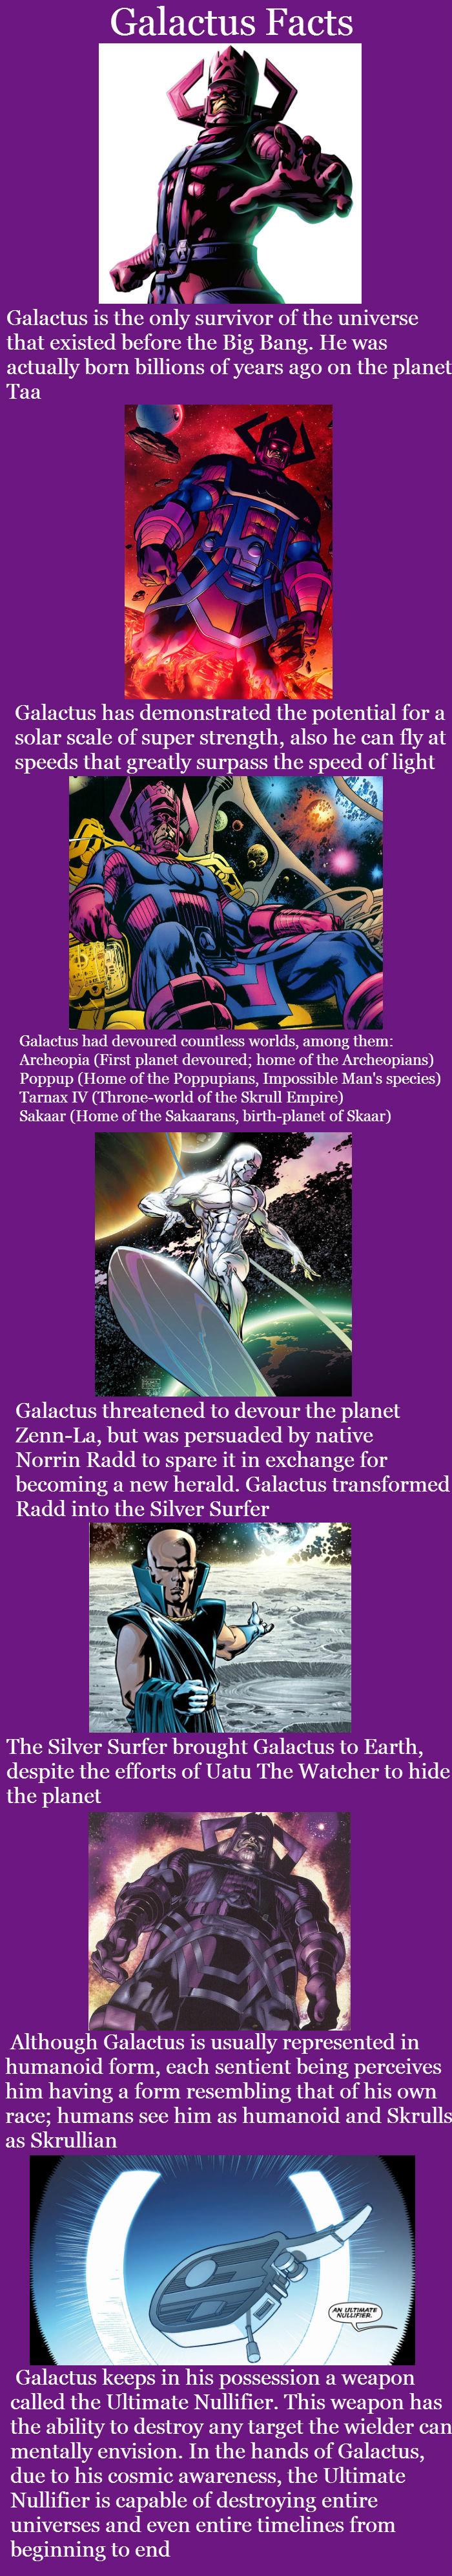 Galactus Comp. Iron Man Comp: /Iron+Man+Facts/funny-pictures/5064588/ Carnage Comp: /Carnage+Facts/funny-pictures/5063822/ Nightcrawler Comp: /Nightcrawler+Fact super hero facts